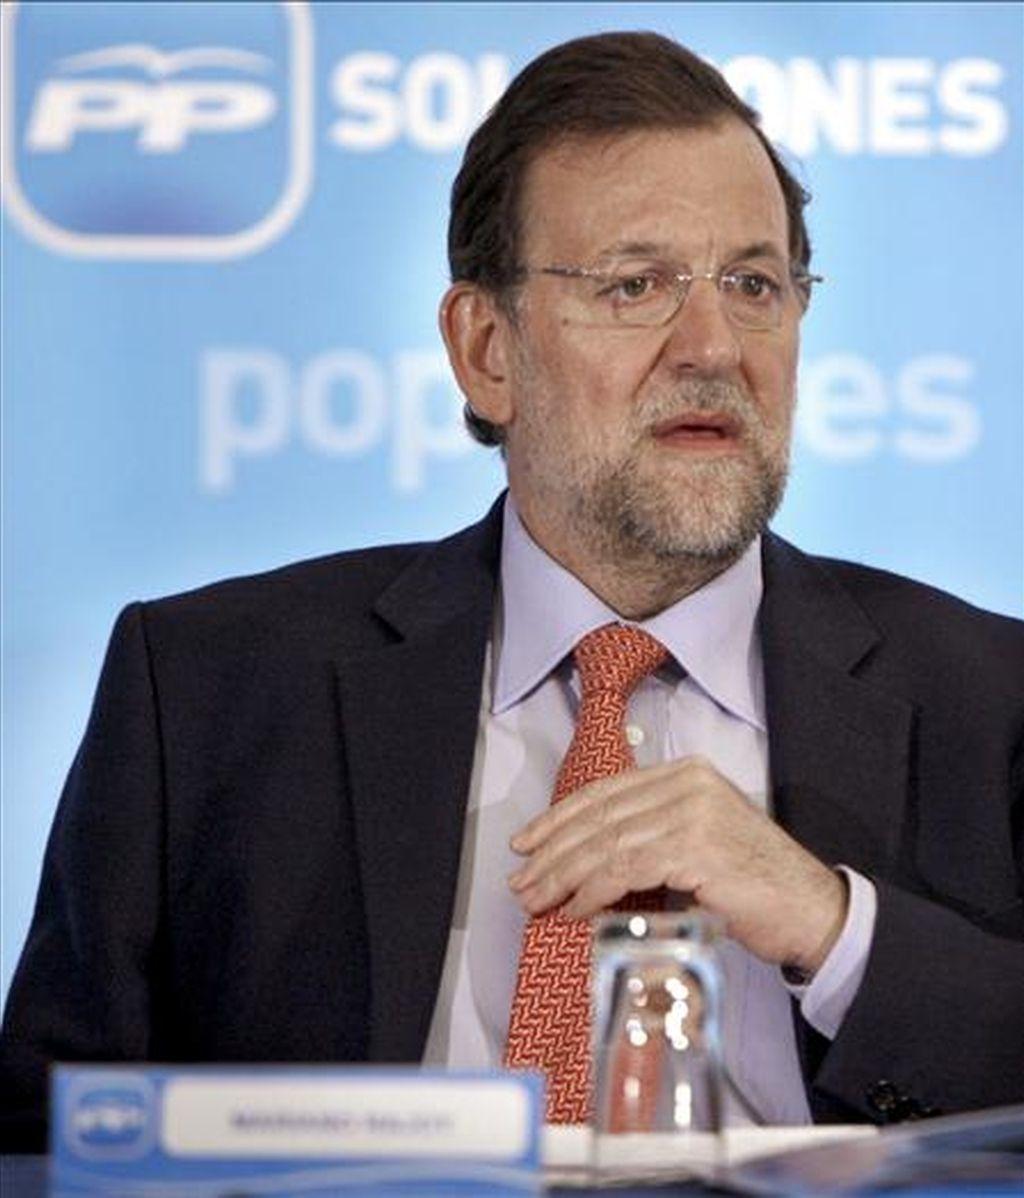 El presidente del Partido Popular, Mariano Rajoy. EFE/Archivo